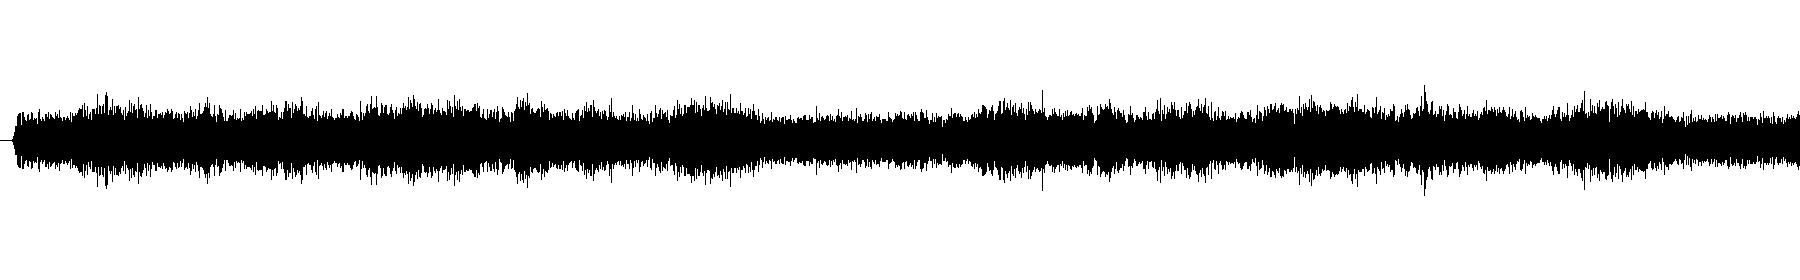 tfx texture 06